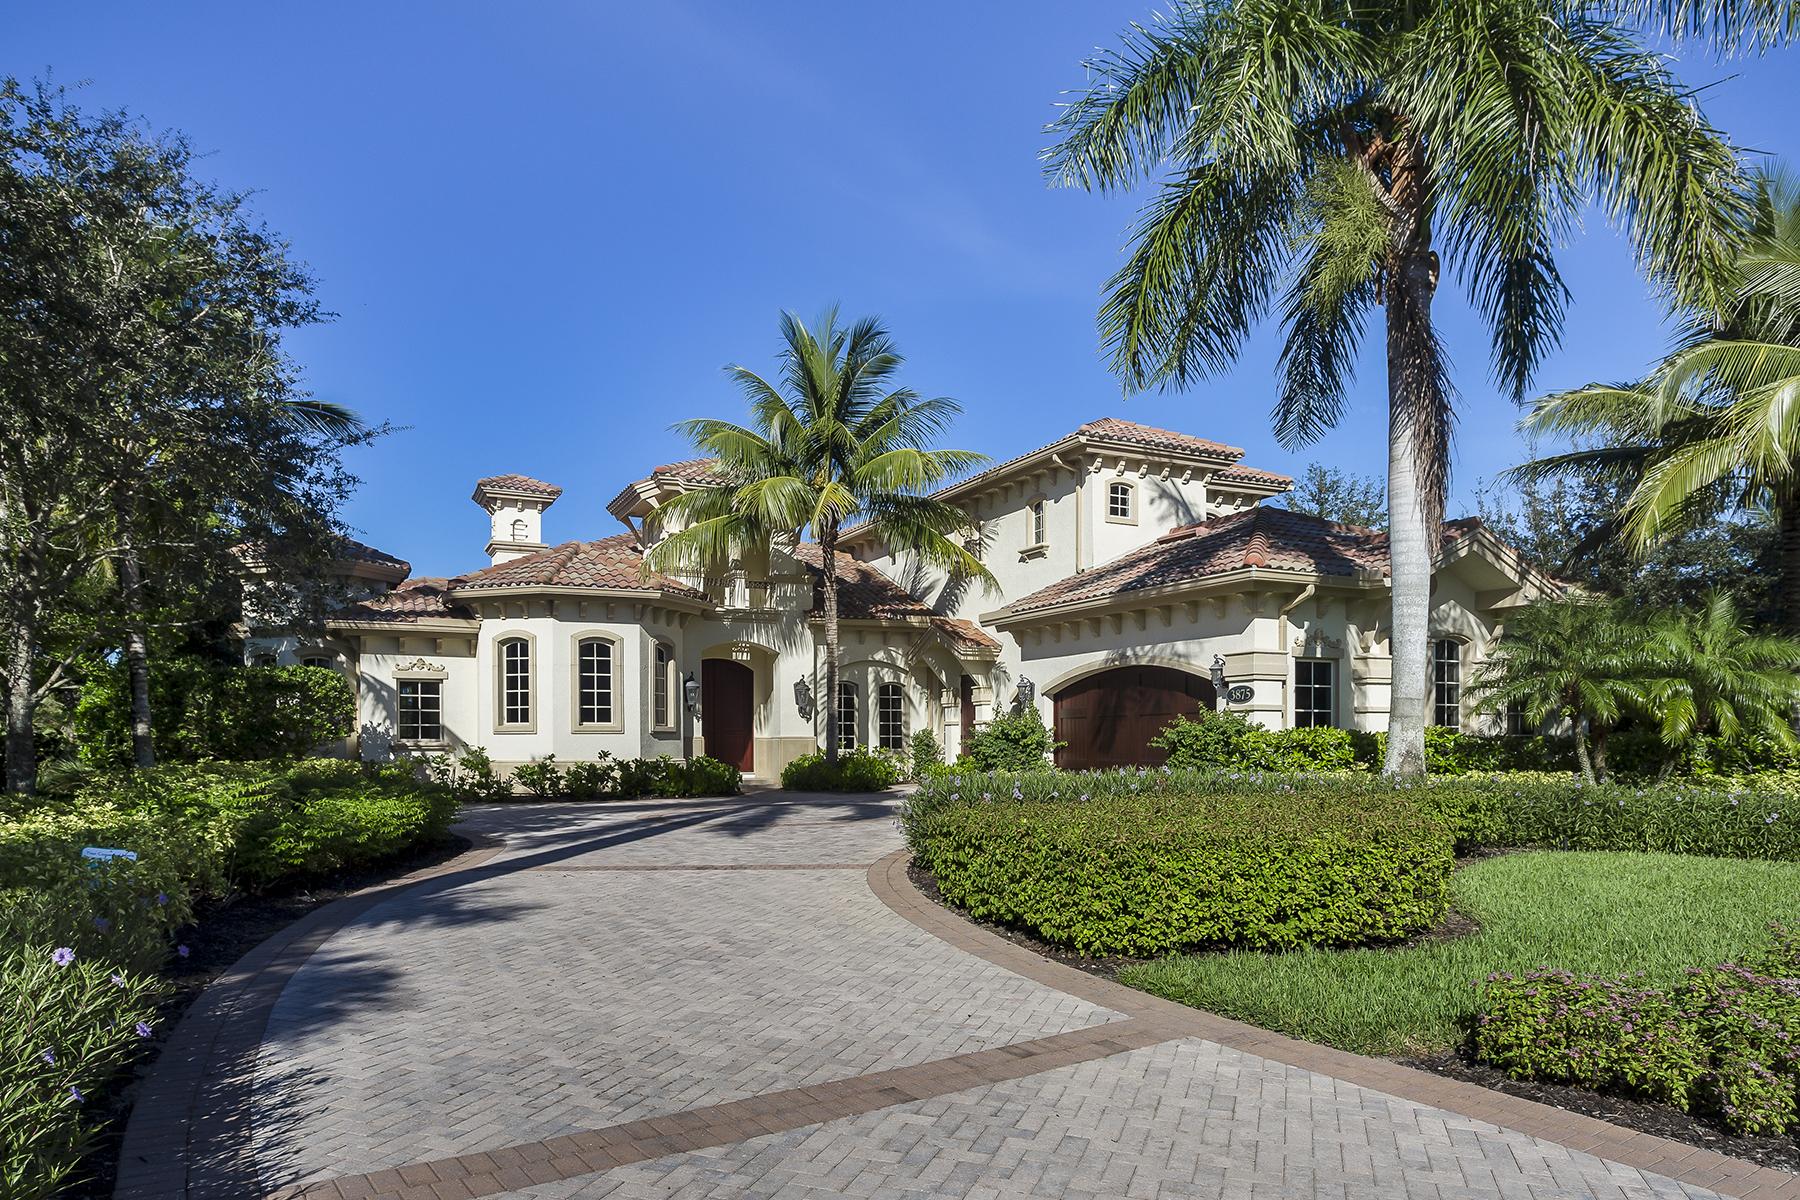 Casa Unifamiliar por un Venta en FIDDLER'S CREEK - ISLA DEL SOL 3875 Isla Del Sol Way Naples, Florida, 34114 Estados Unidos